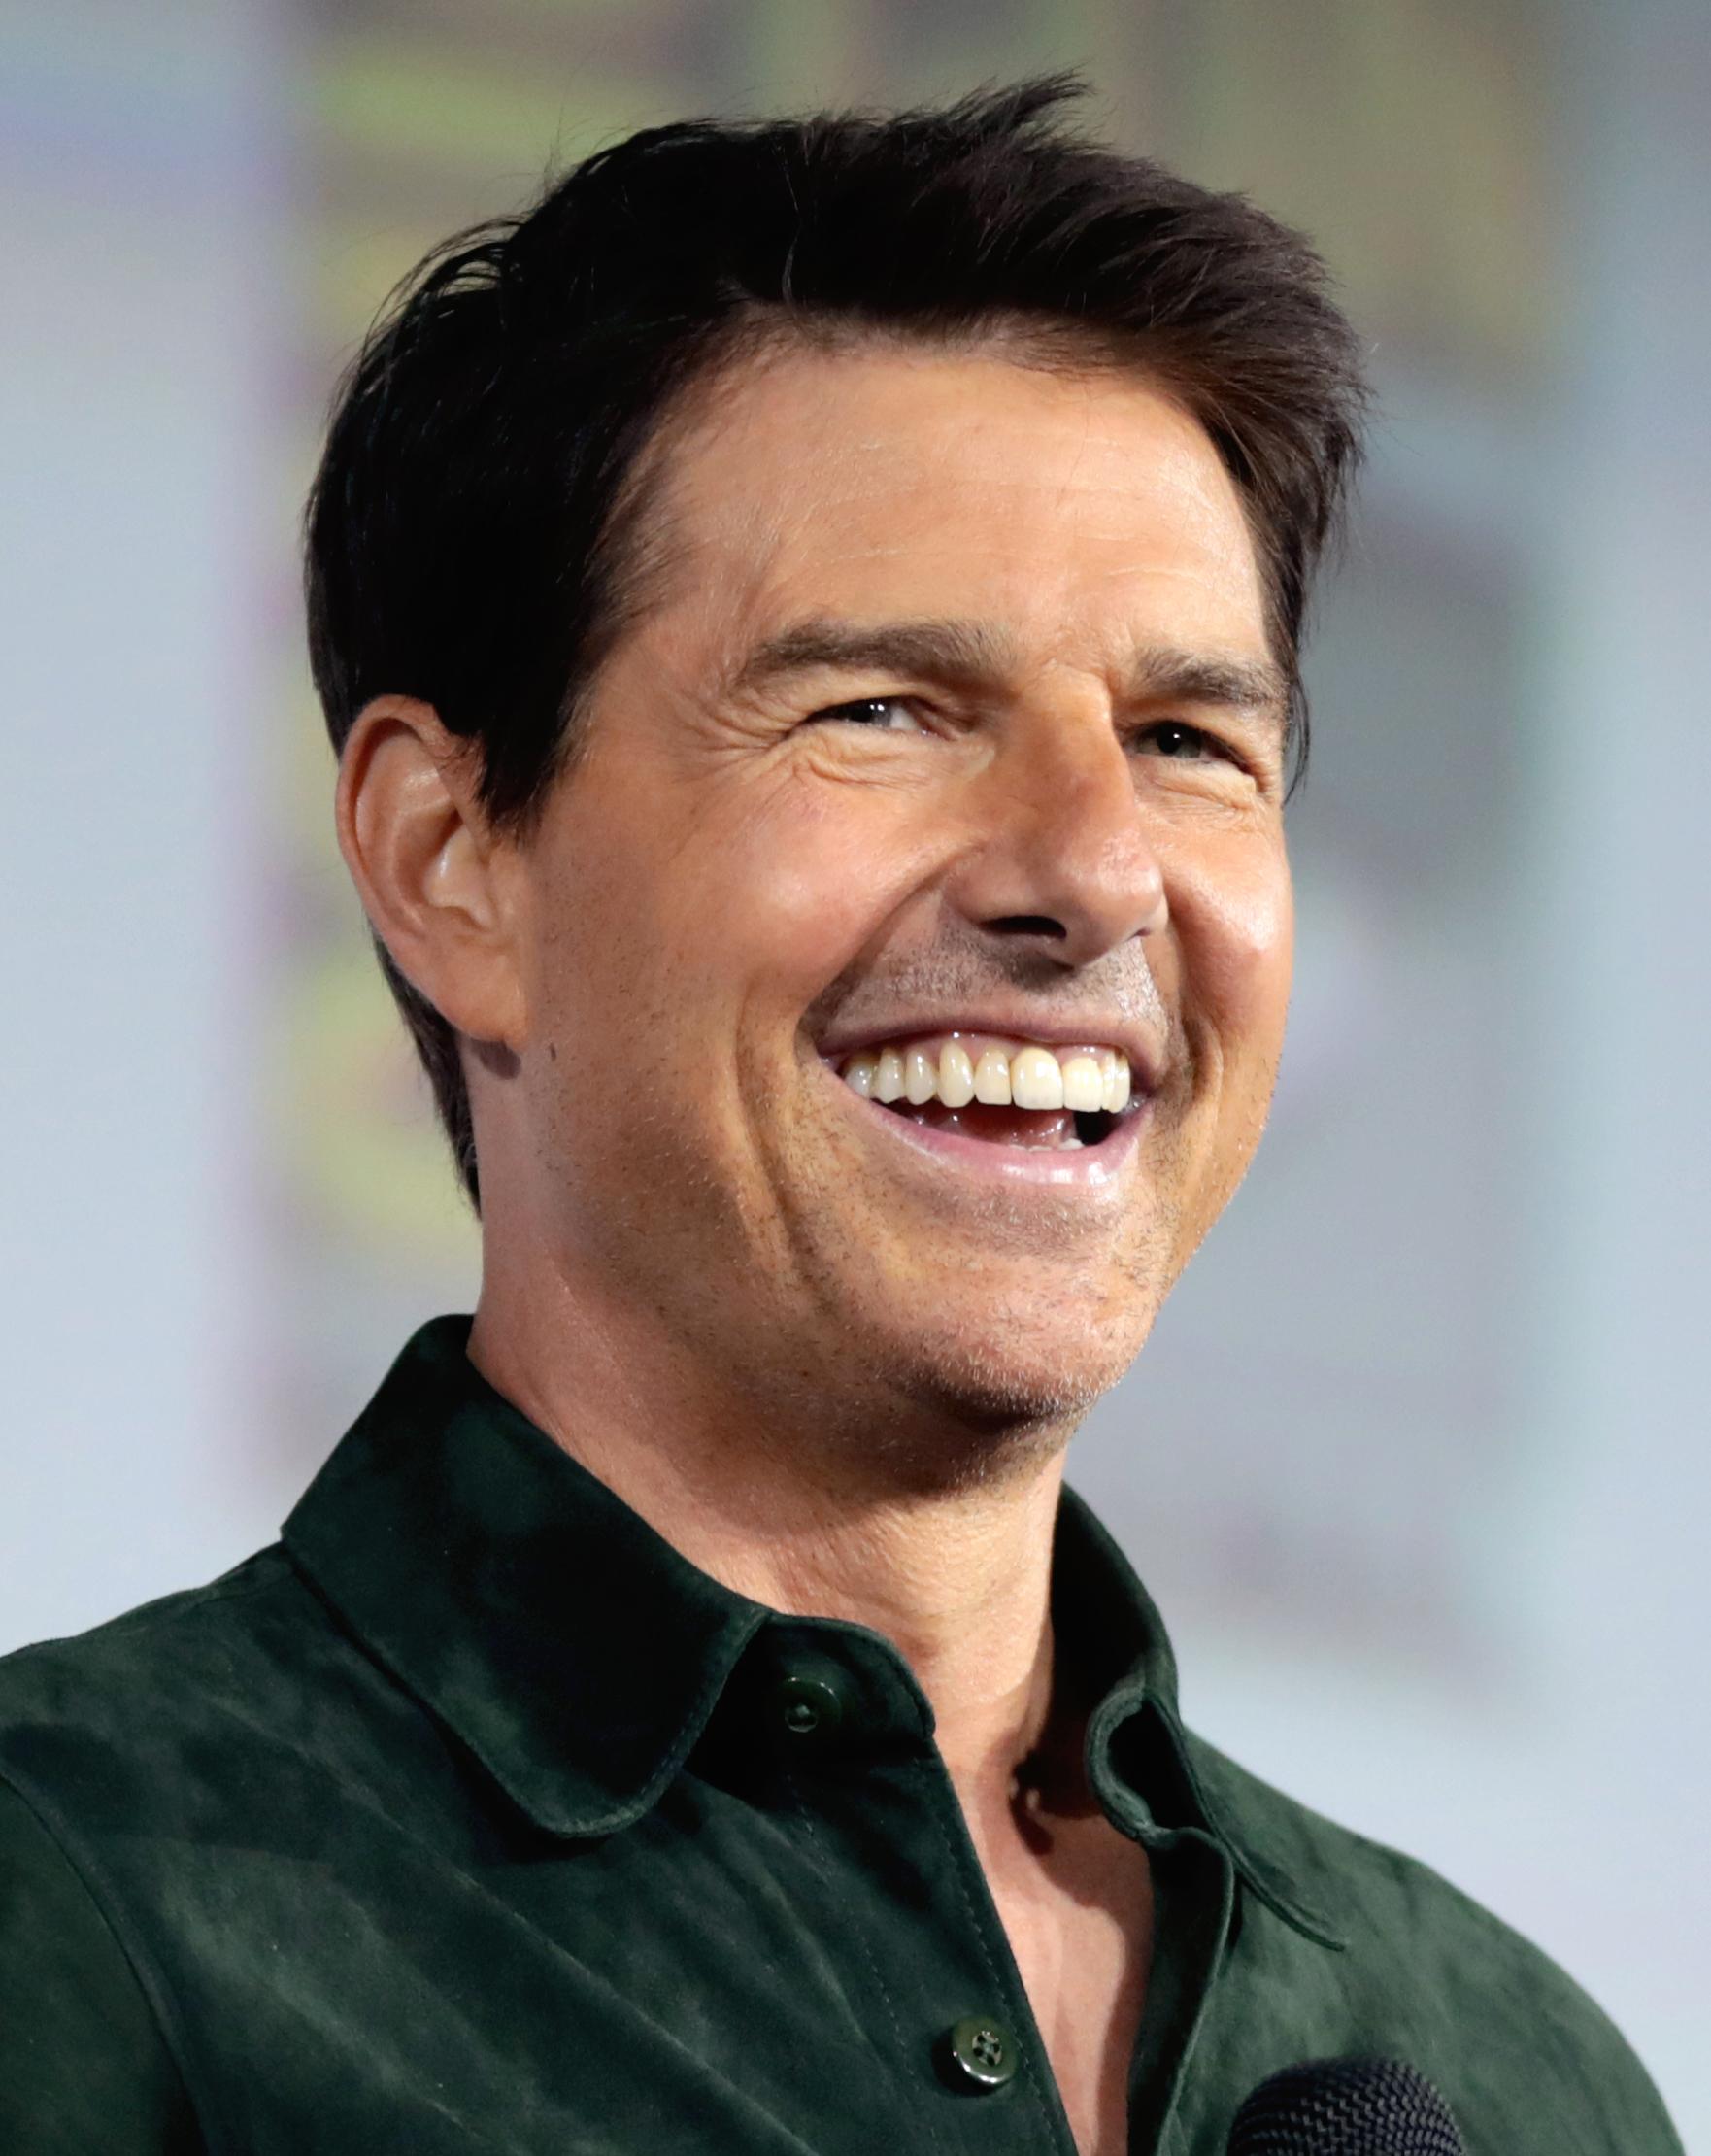 Veja o que saiu no Migalhas sobre Tom Cruise